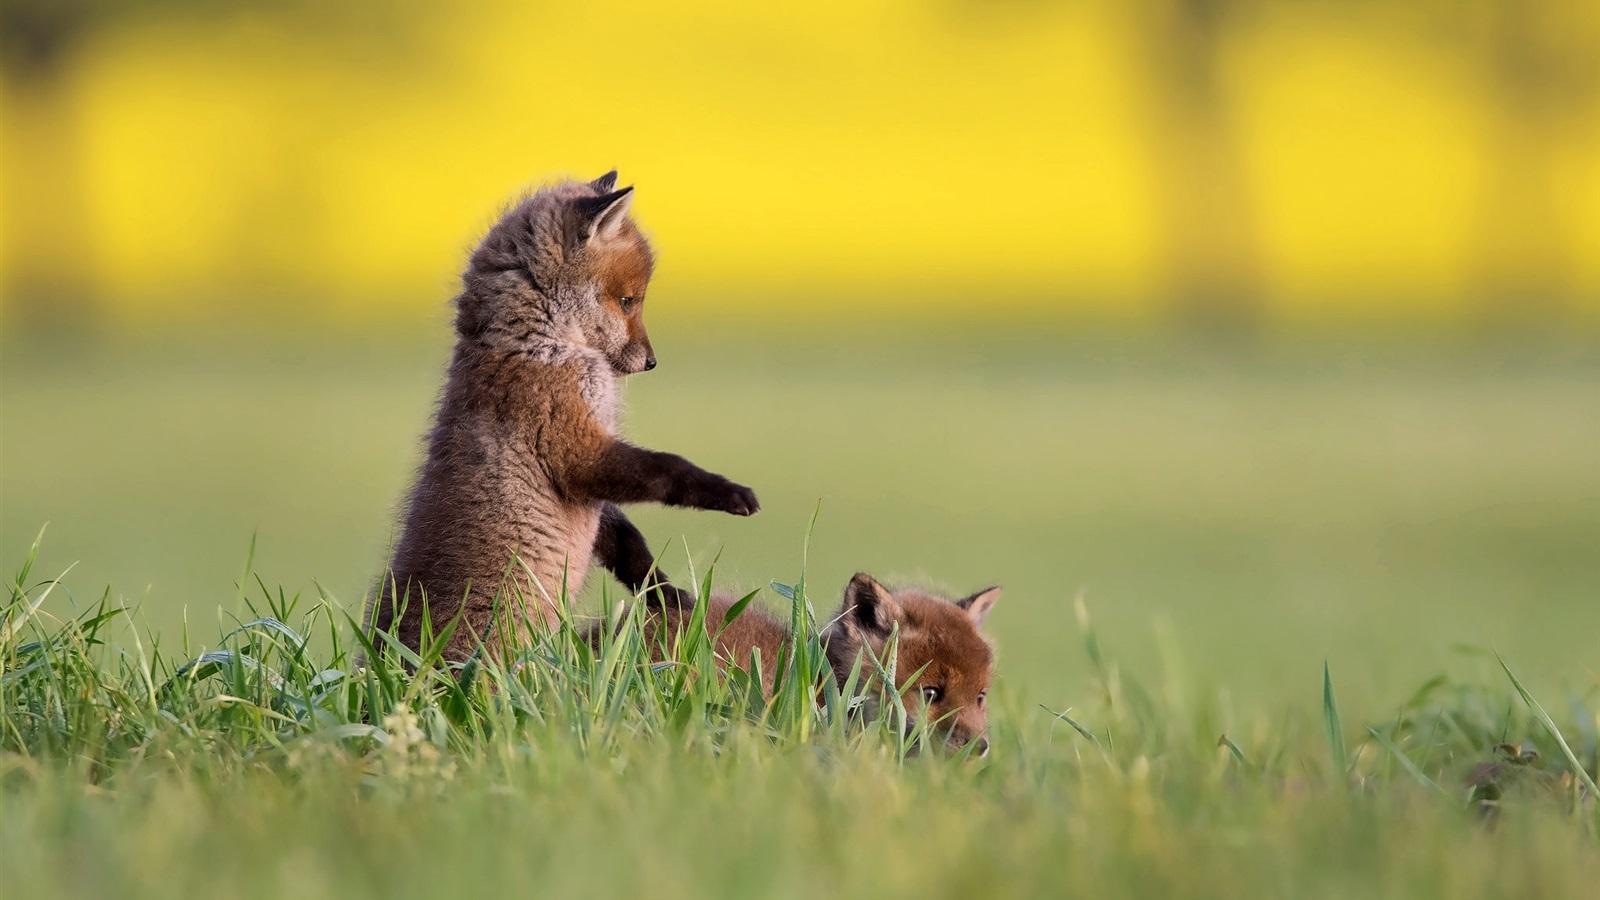 Обои Хищник, позитив, тема, малыш. Животные foto 7